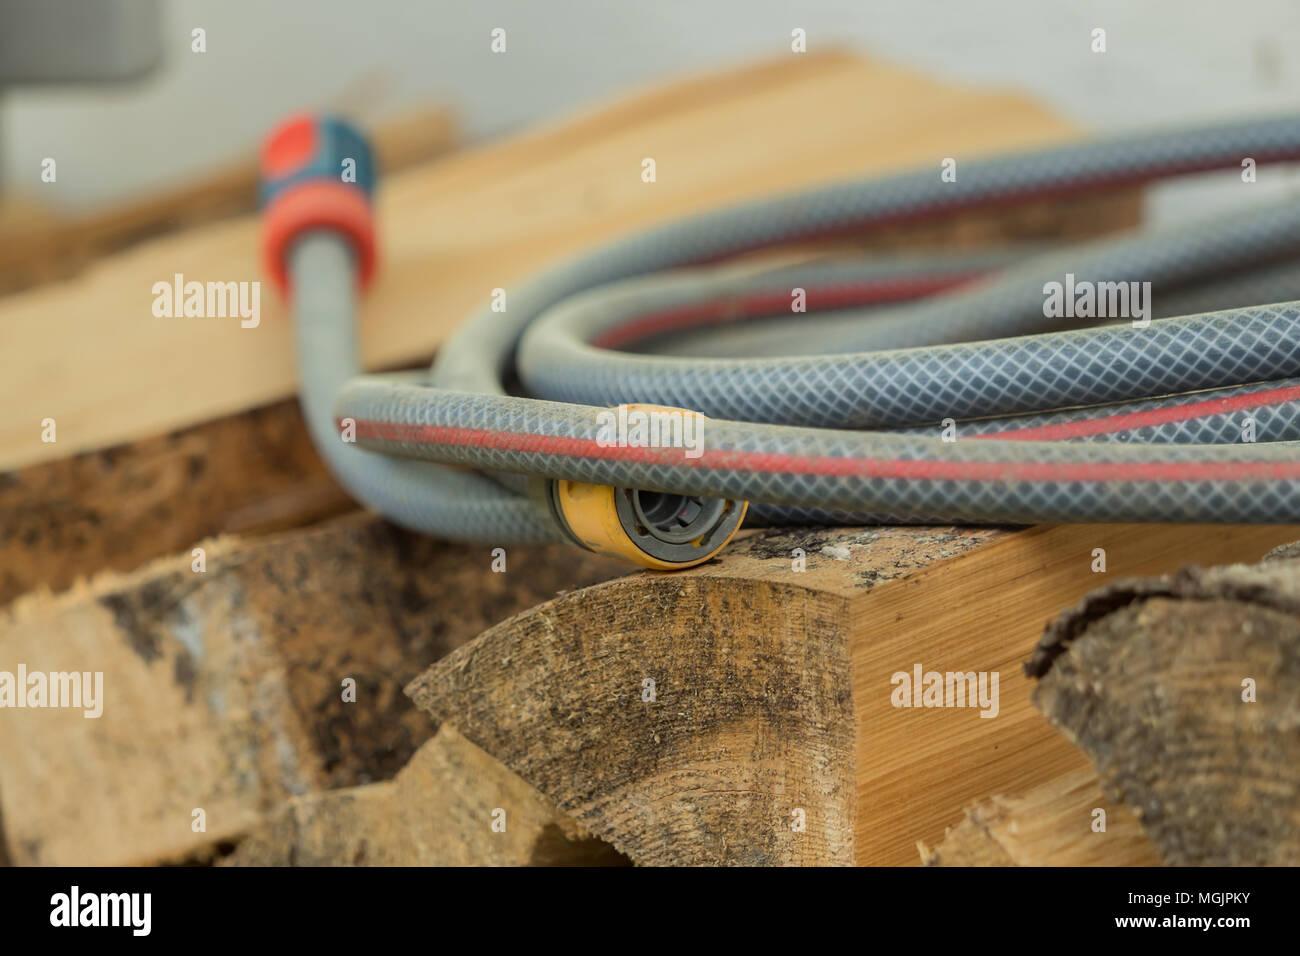 Green Plastic Garden Hose Nozzle Stock Photos & Green Plastic Garden ...